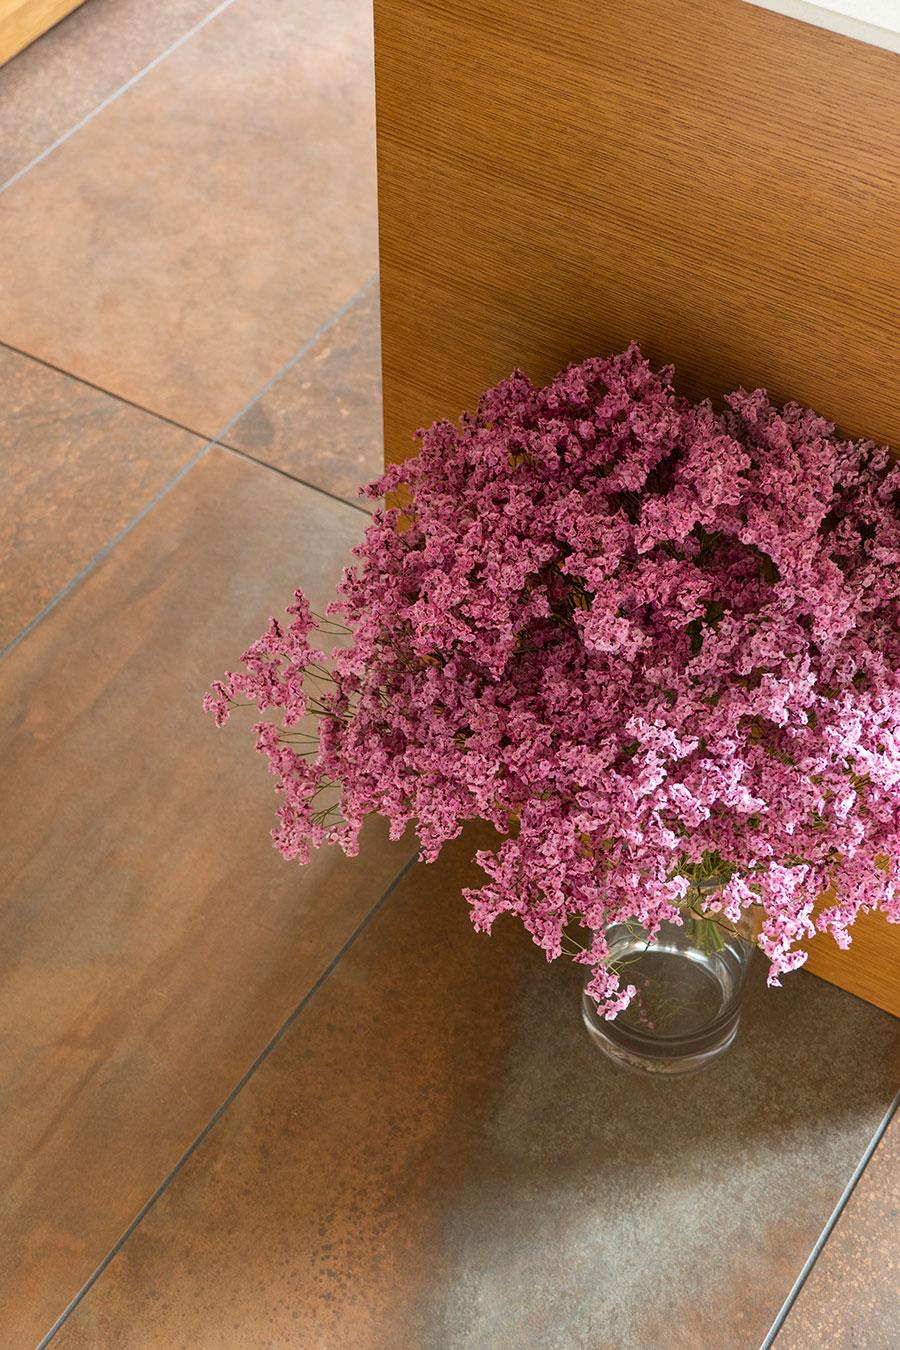 水廻りの床は、アオイデザインに紹介された平田タイルの製品から選んだ。ムラのある色合いと、タイルの質感が味を出す。